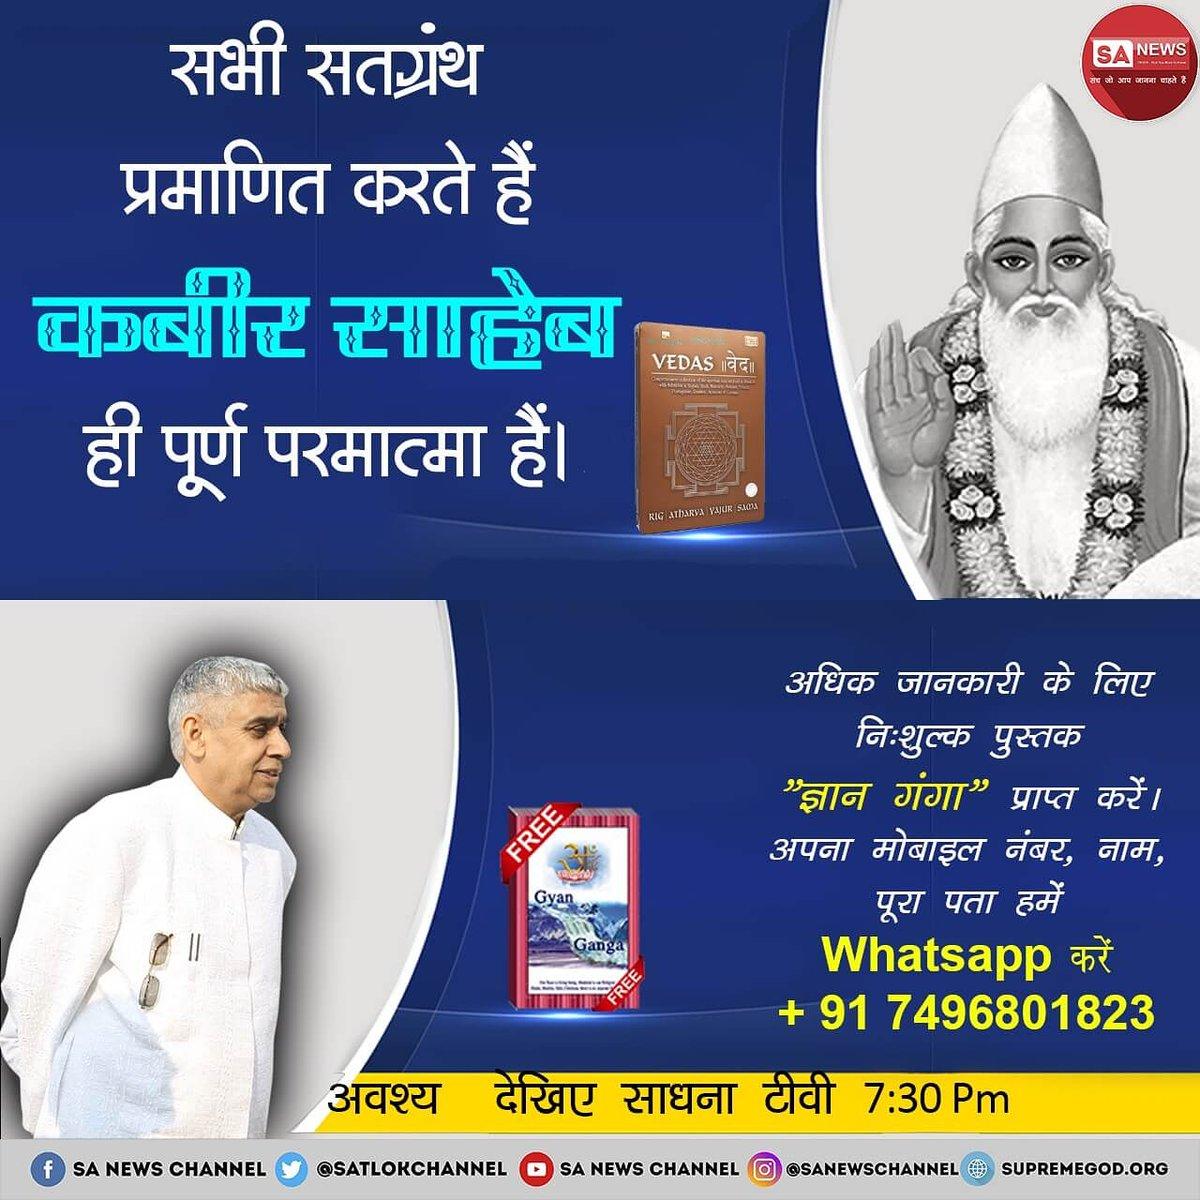 #Kabir_Is_God हमारे सभी धर्मों के धार्मिक ग्रंथ प्रमाण से रहे हैं कि कबीर साहेब भगवान हैं, पूर्णप्रमात्मा हैं अगर विश्वास नही तो देखे साधना tv शाम 7:30 बजे